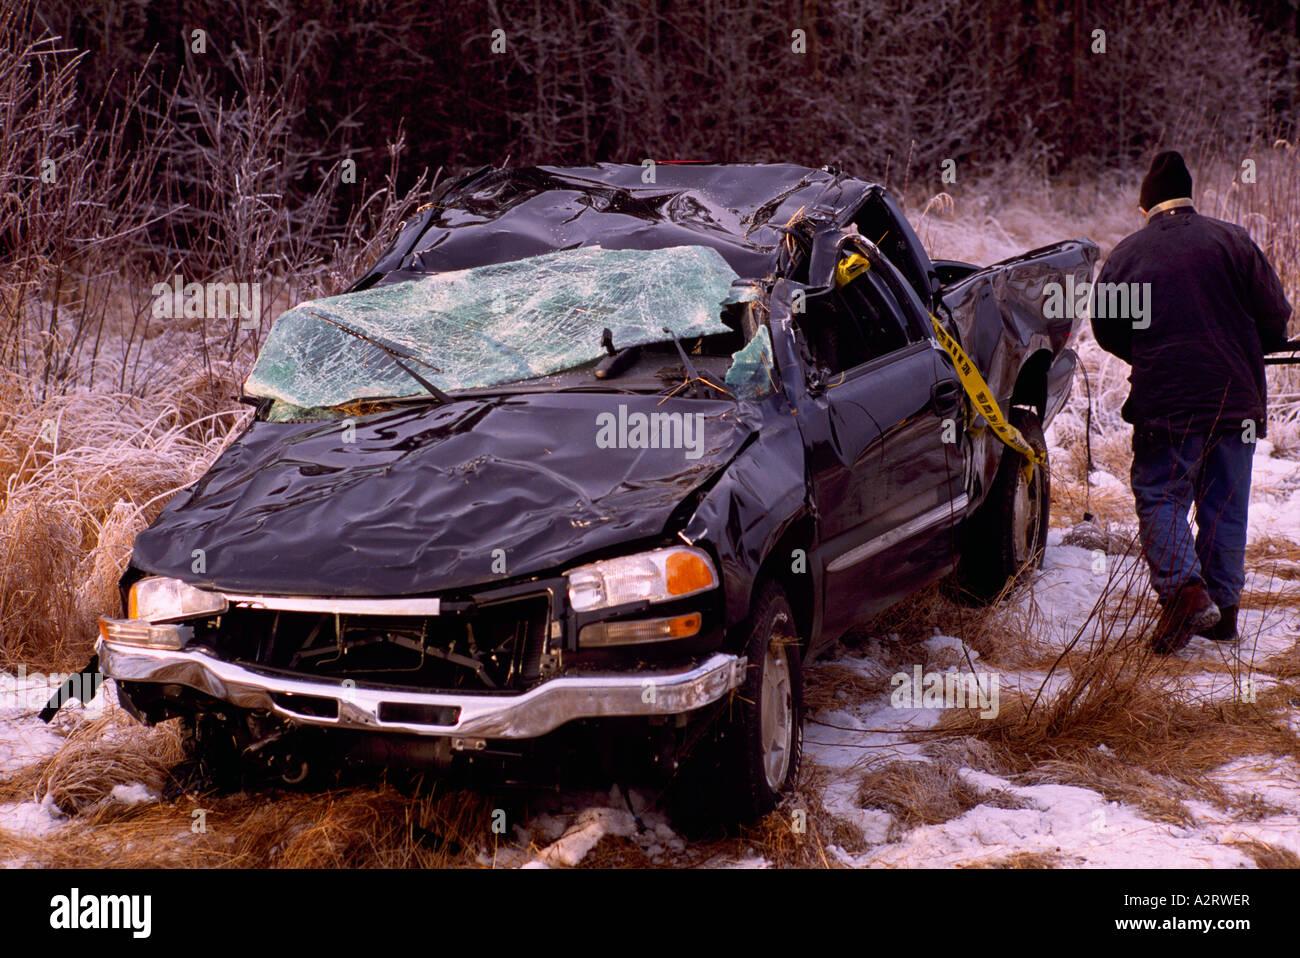 Smashed Car Crash, Car Accident Damage, Highway Road Traffic ...